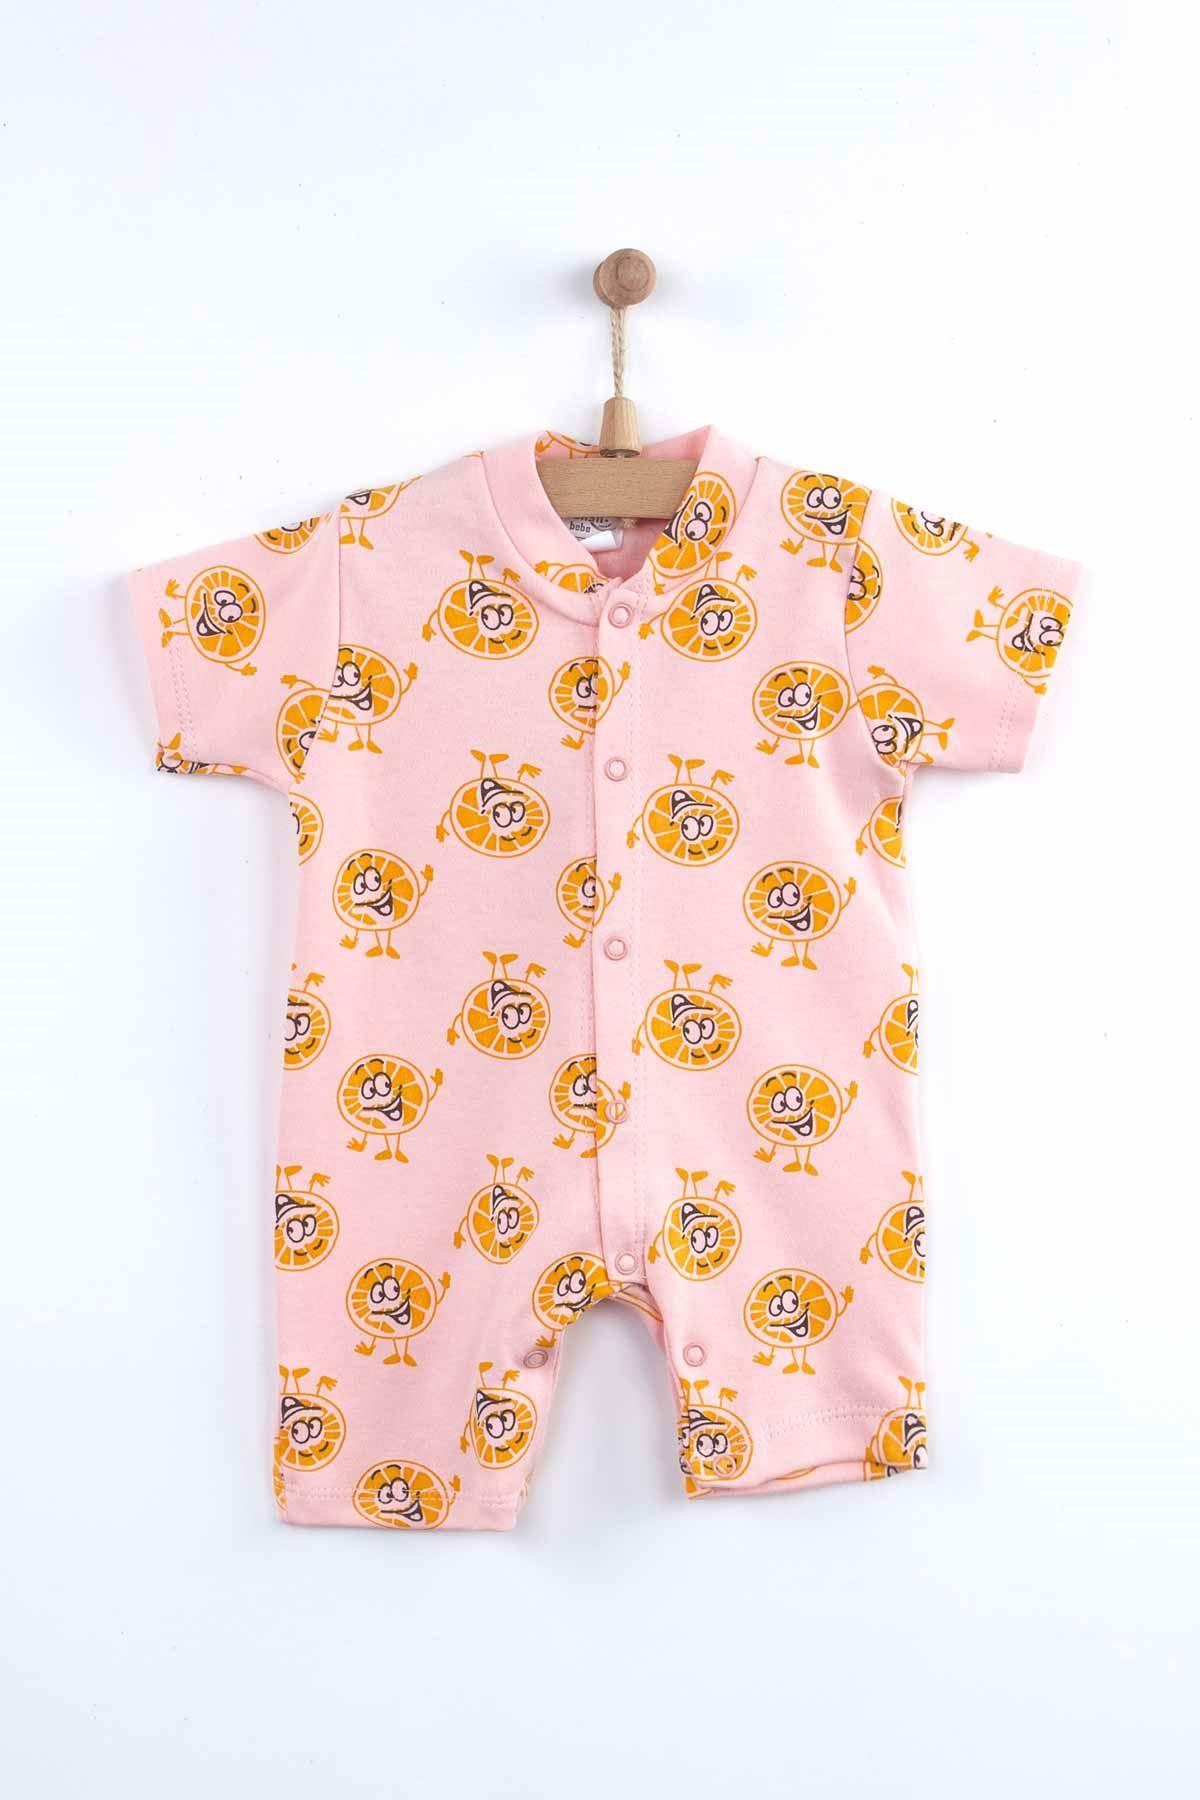 Pudra Yazlık Portakal Desenli Kız Bebek Tulum